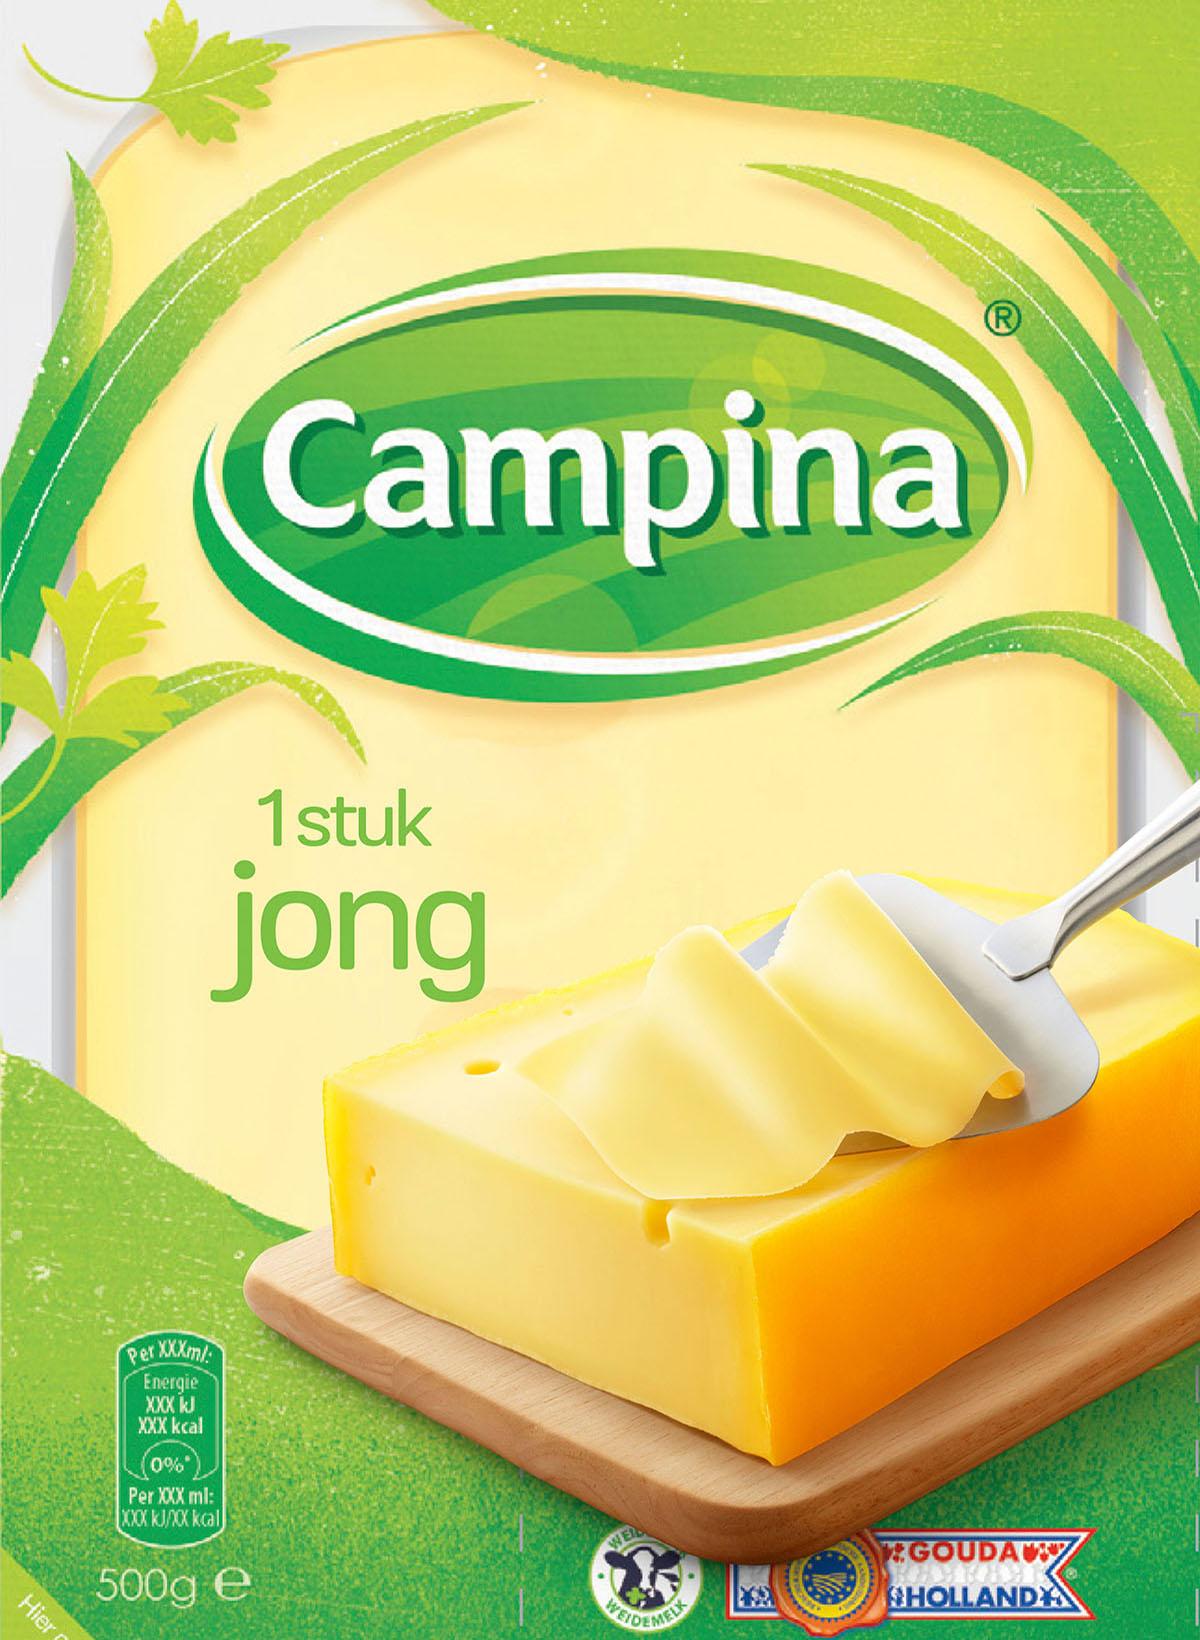 Packaging fotografie van Campina's jong kaas gemaakt door Studio_m Fotografie Amsterdam